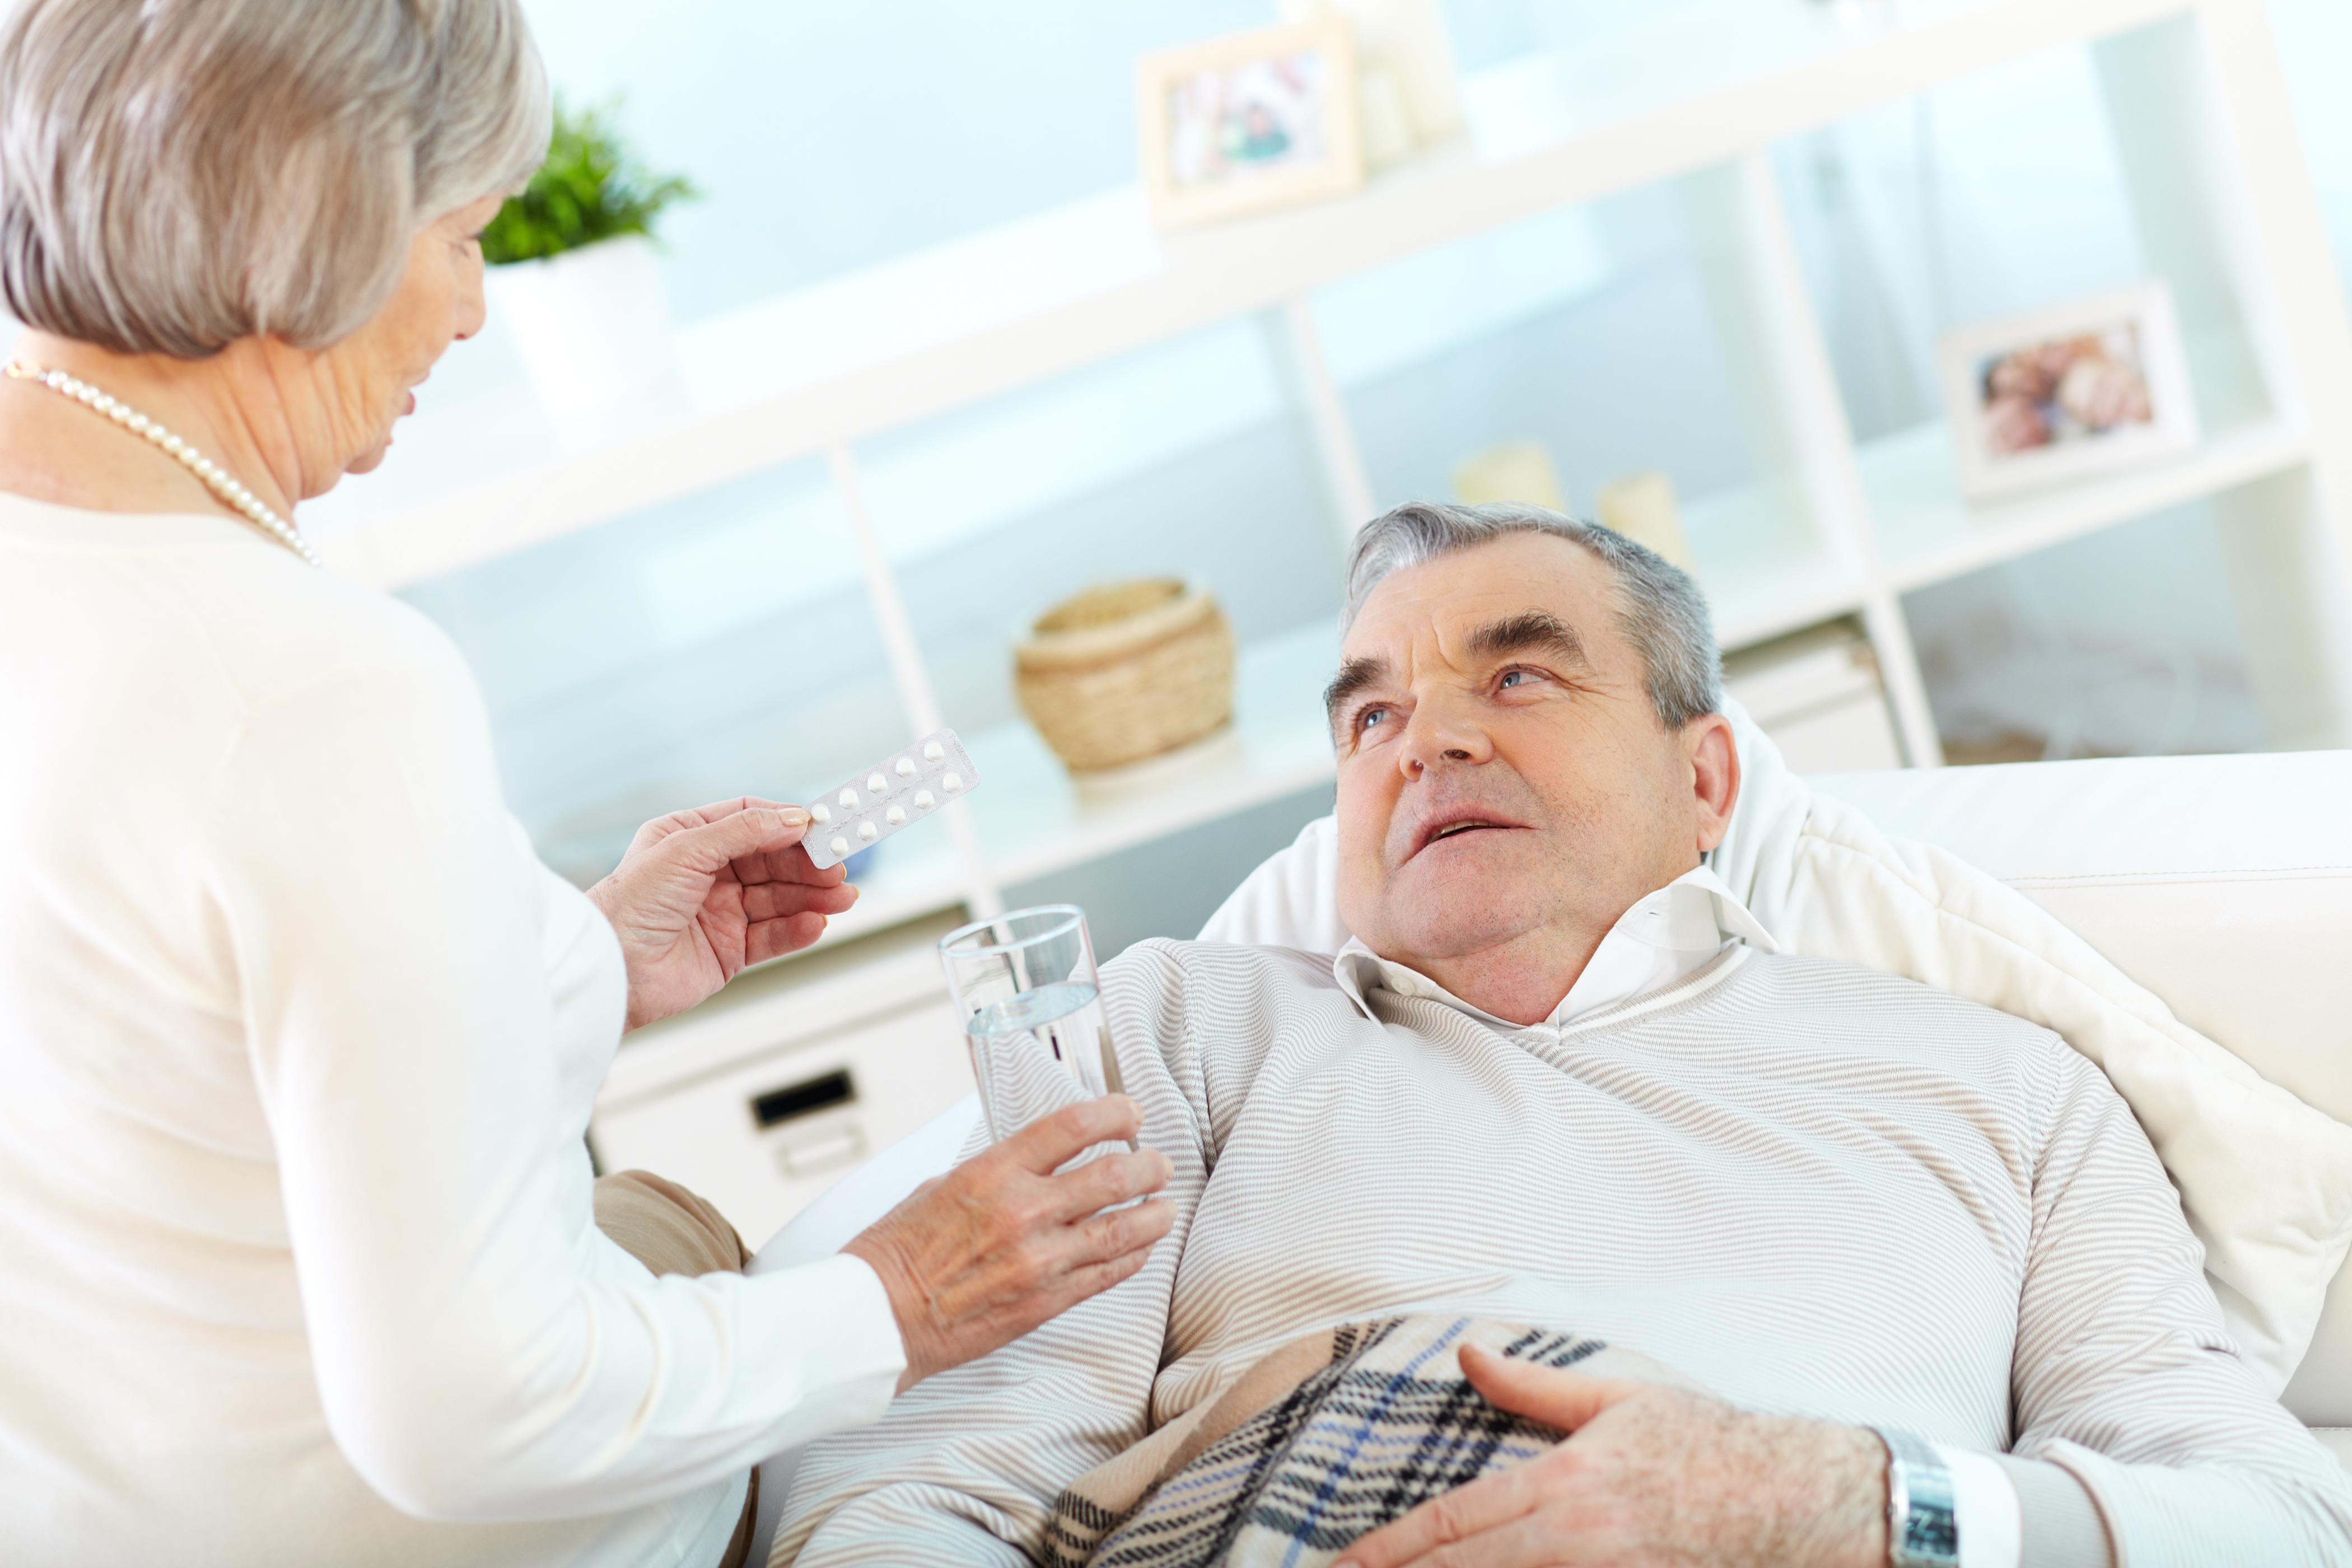 Adherencia, prevención y estilos de vida, claves para abordar la cronicidad